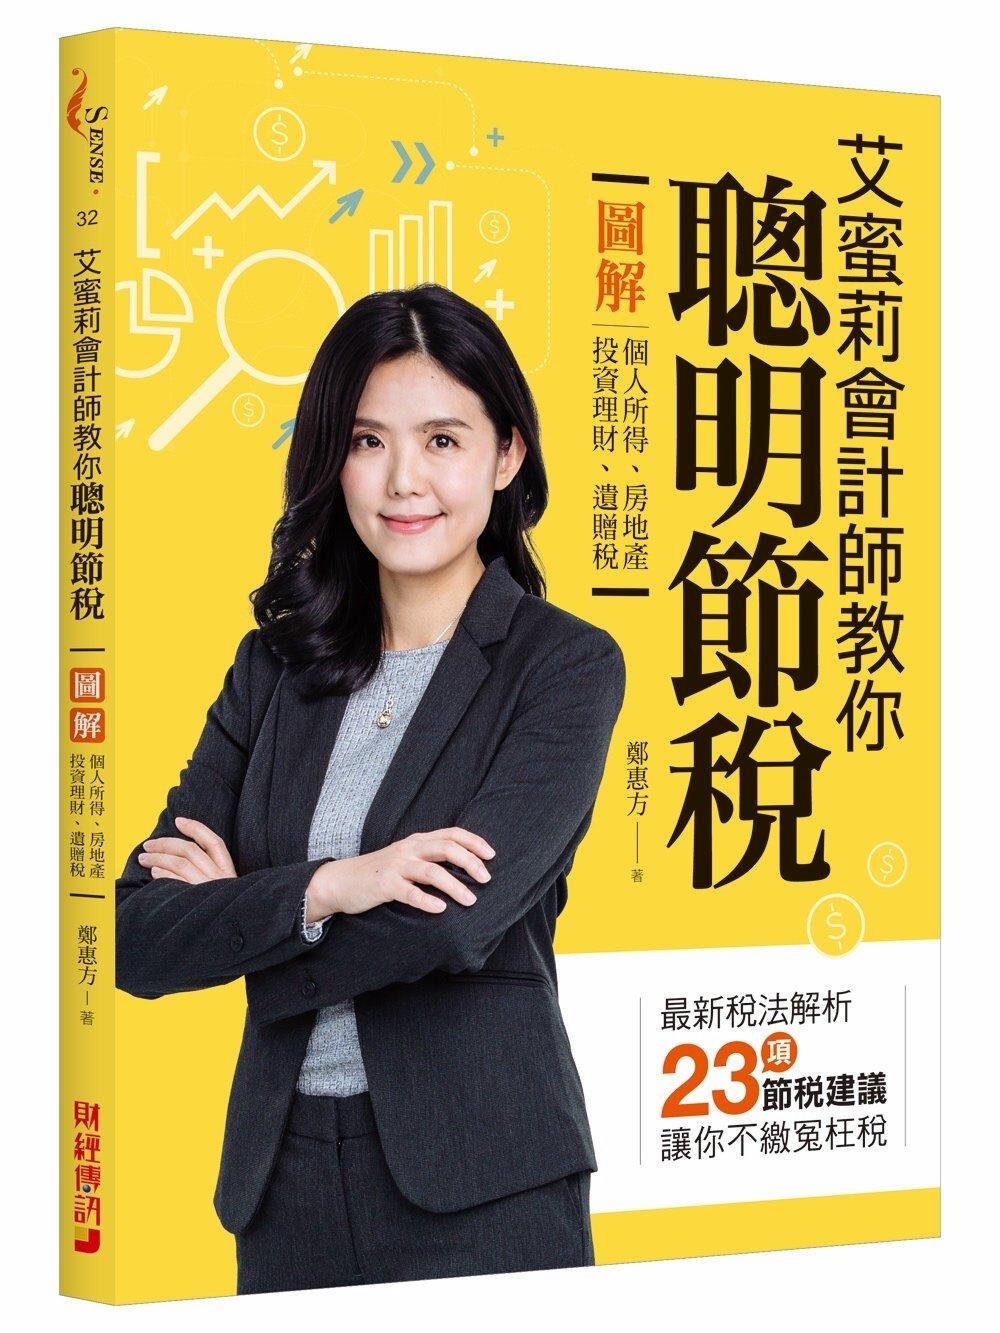 艾蜜莉會計師教你聰明節稅:圖解個人所得、房地產、投資理財、遺贈稅